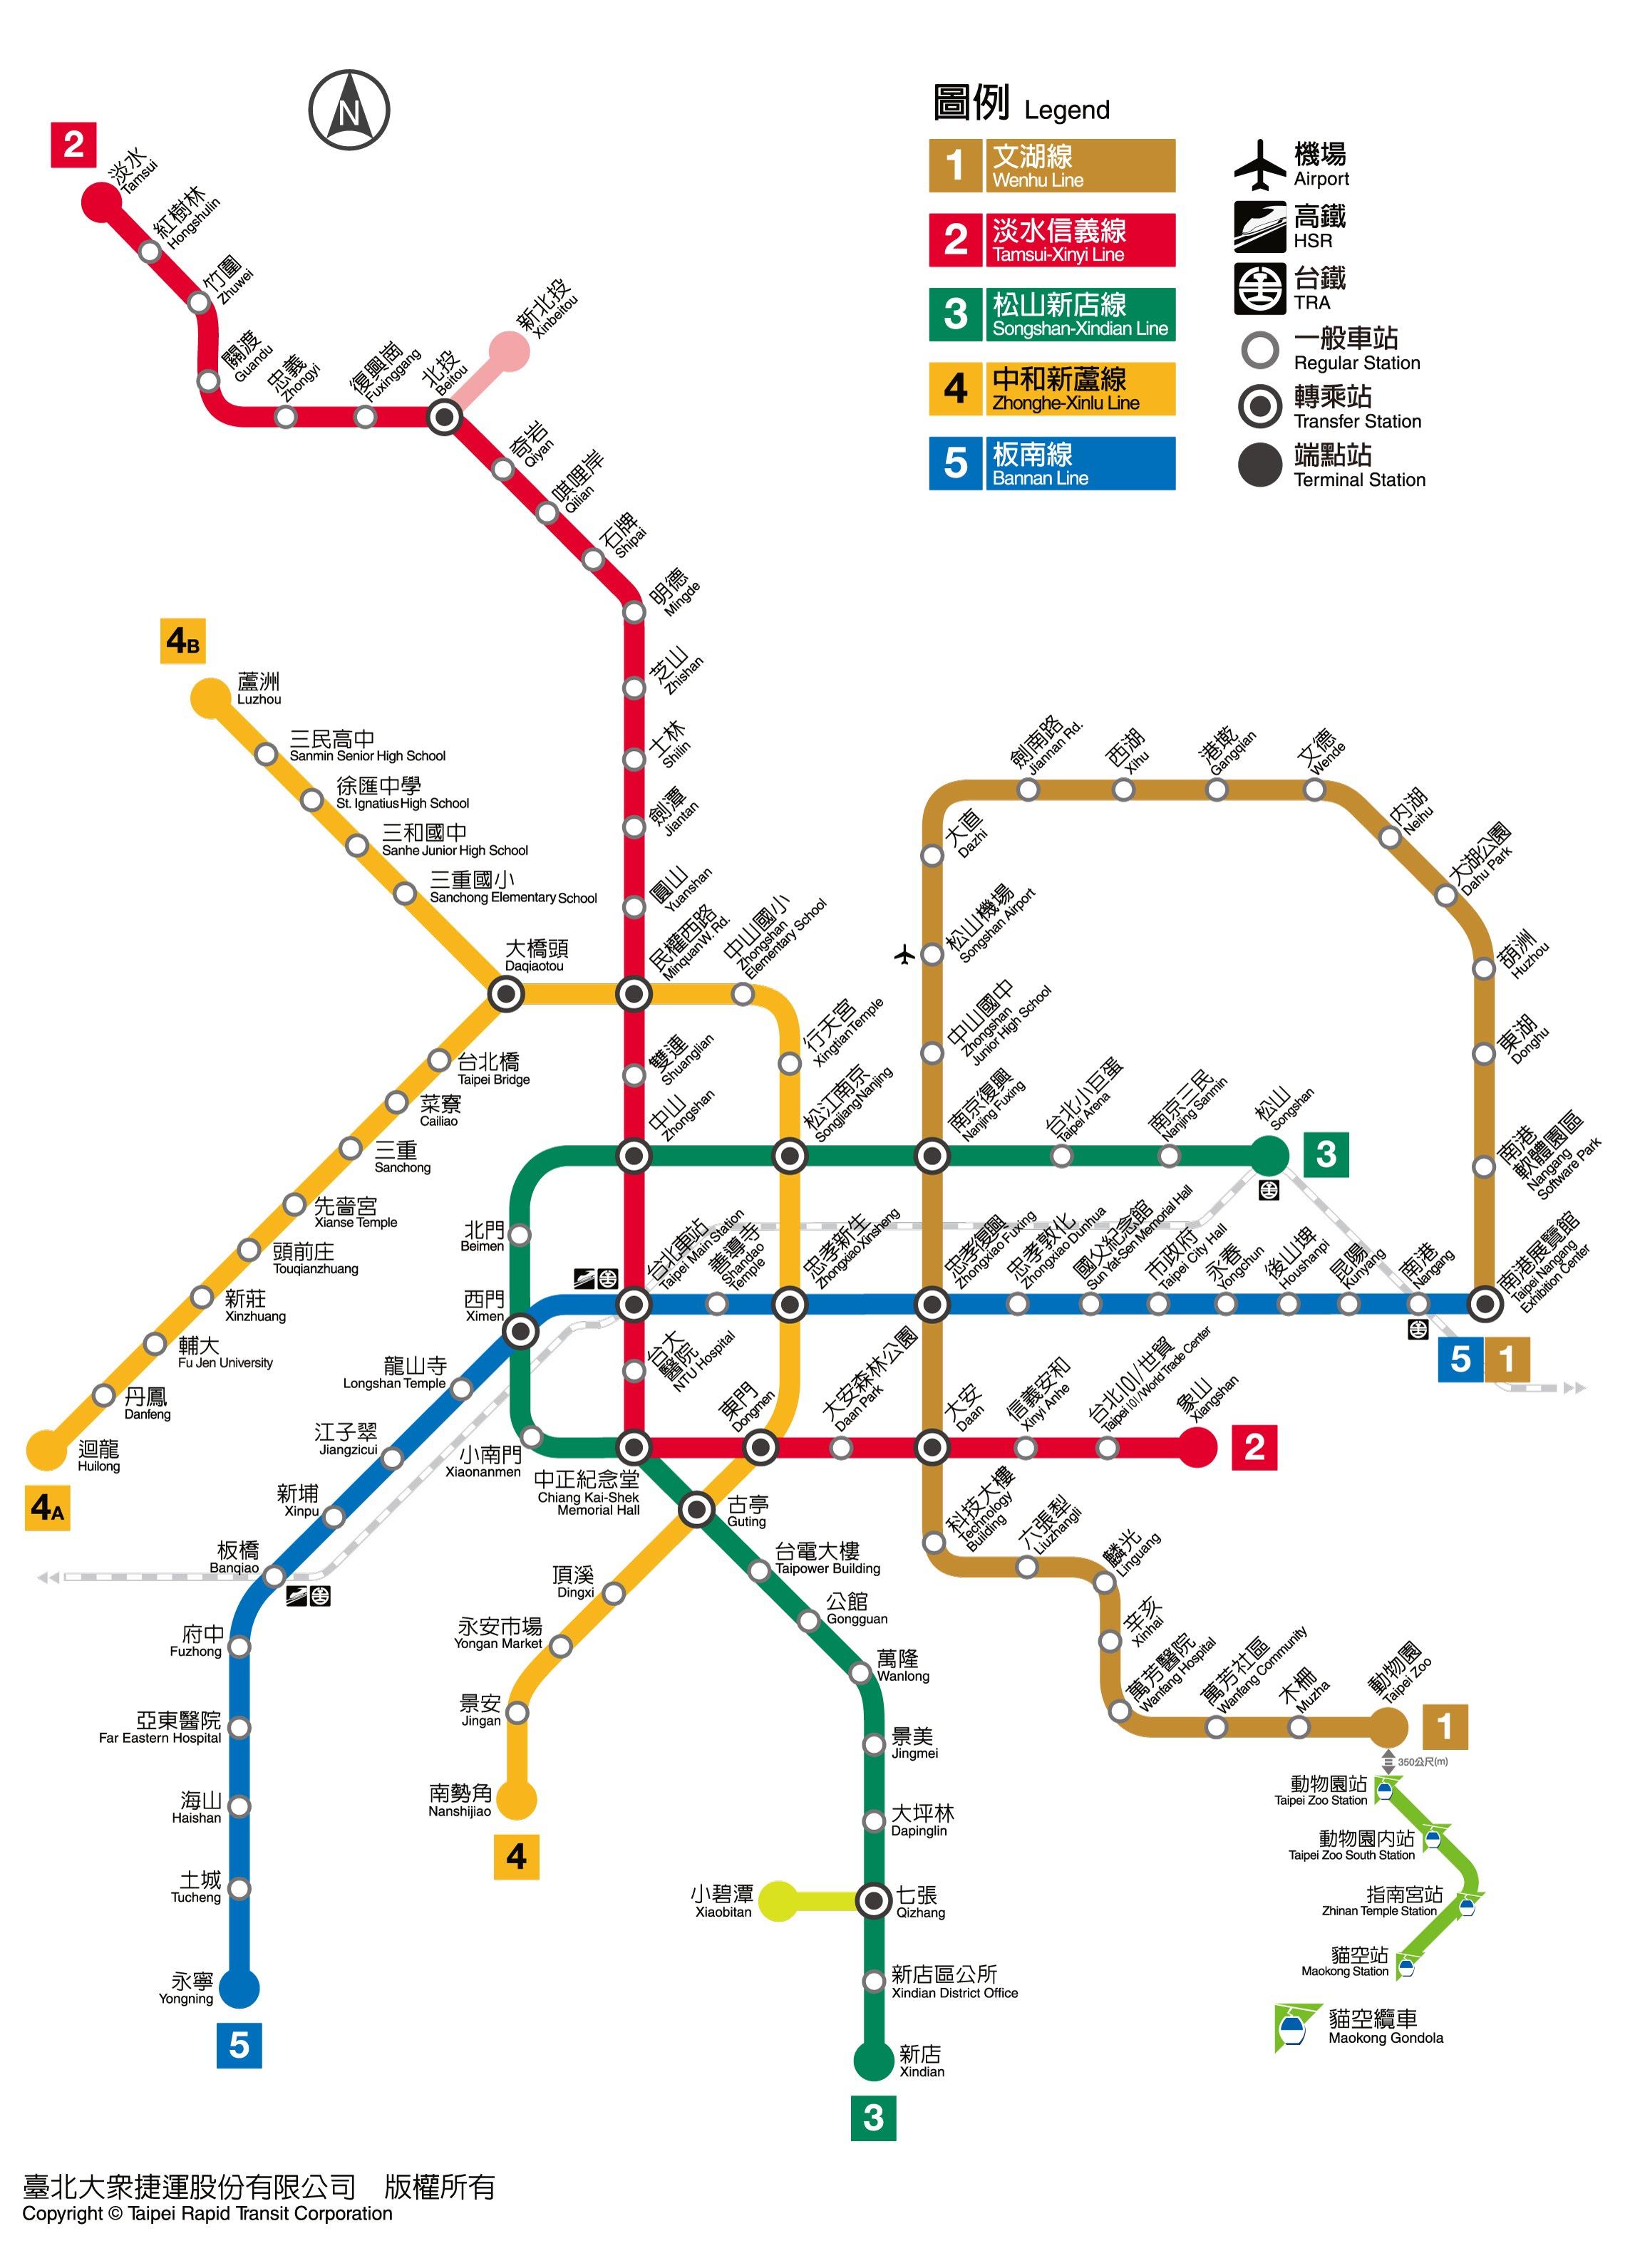 http://english.metro.taipei/